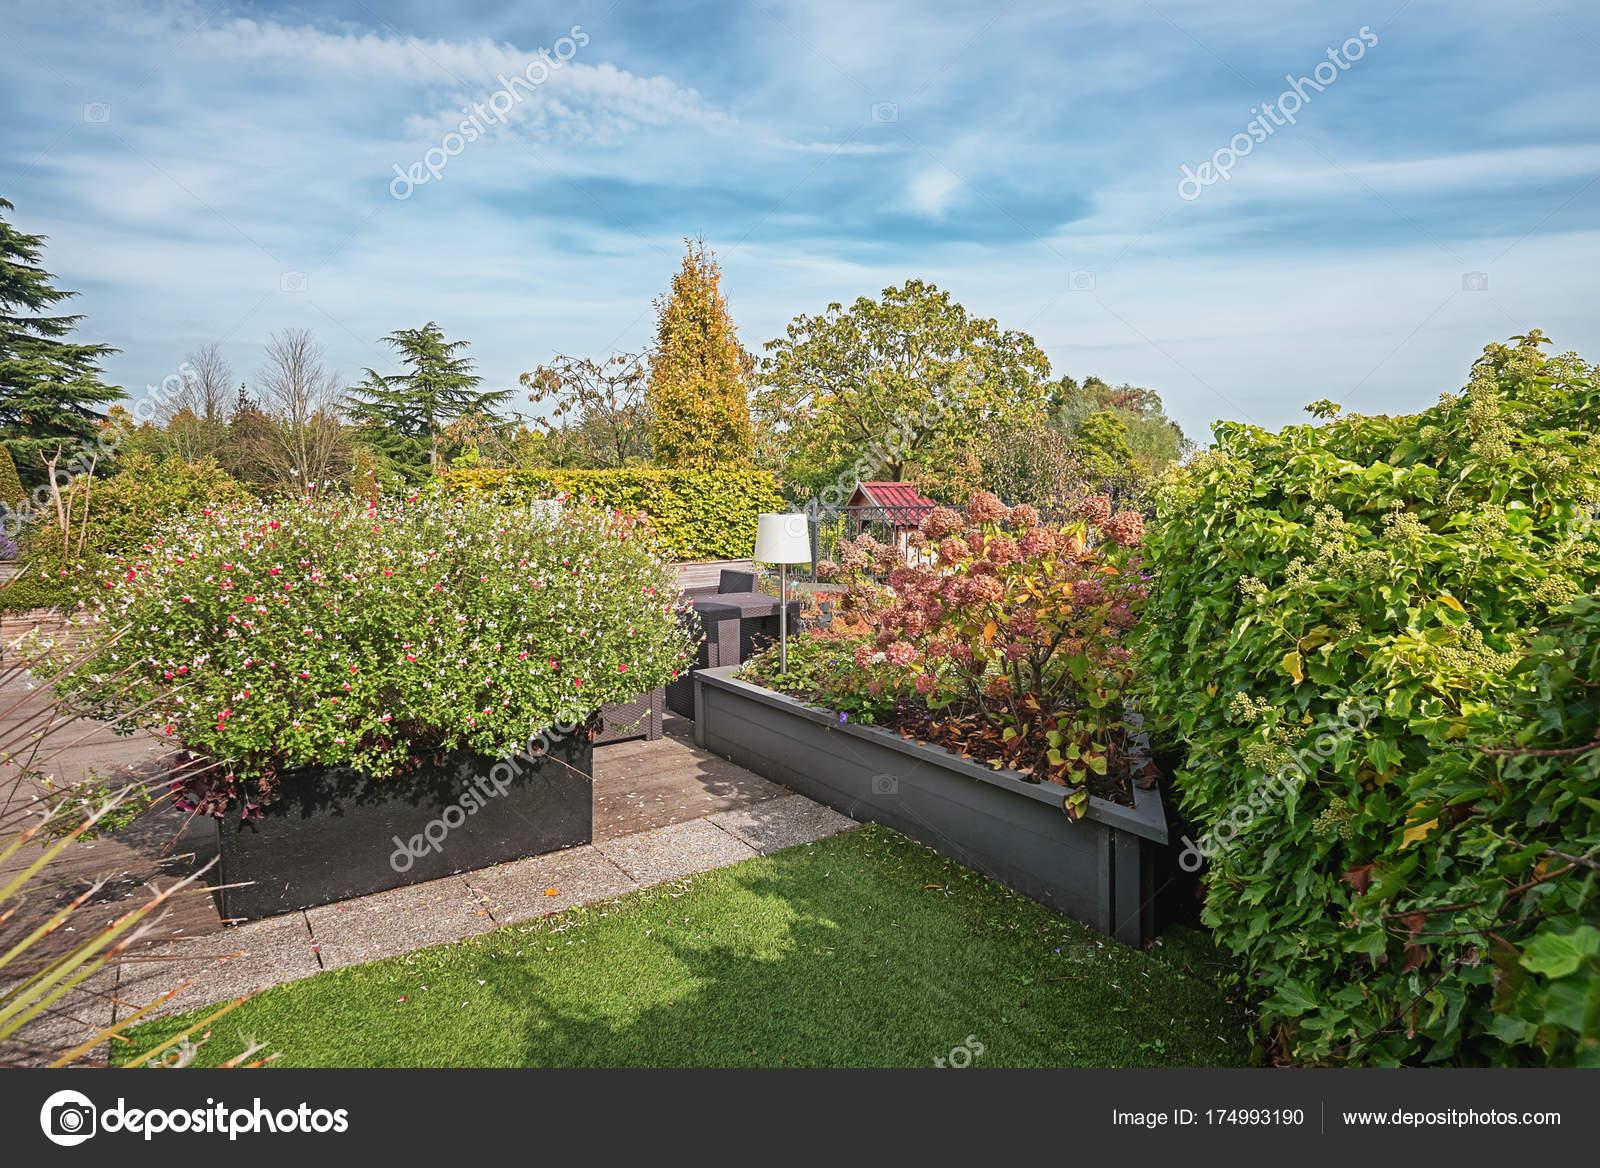 Appeltern tuinen in nederland is de gelegenheid elkaar te ontmoeten